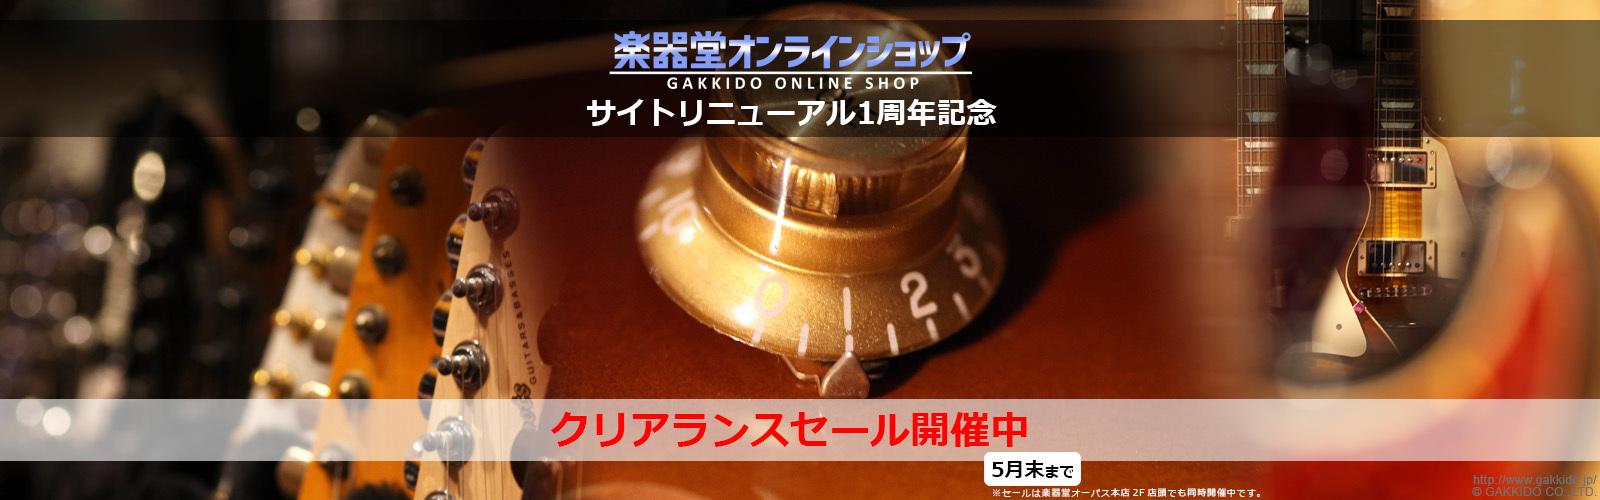 サイトリニューアル1周年記念 クリアランスセール開催中!